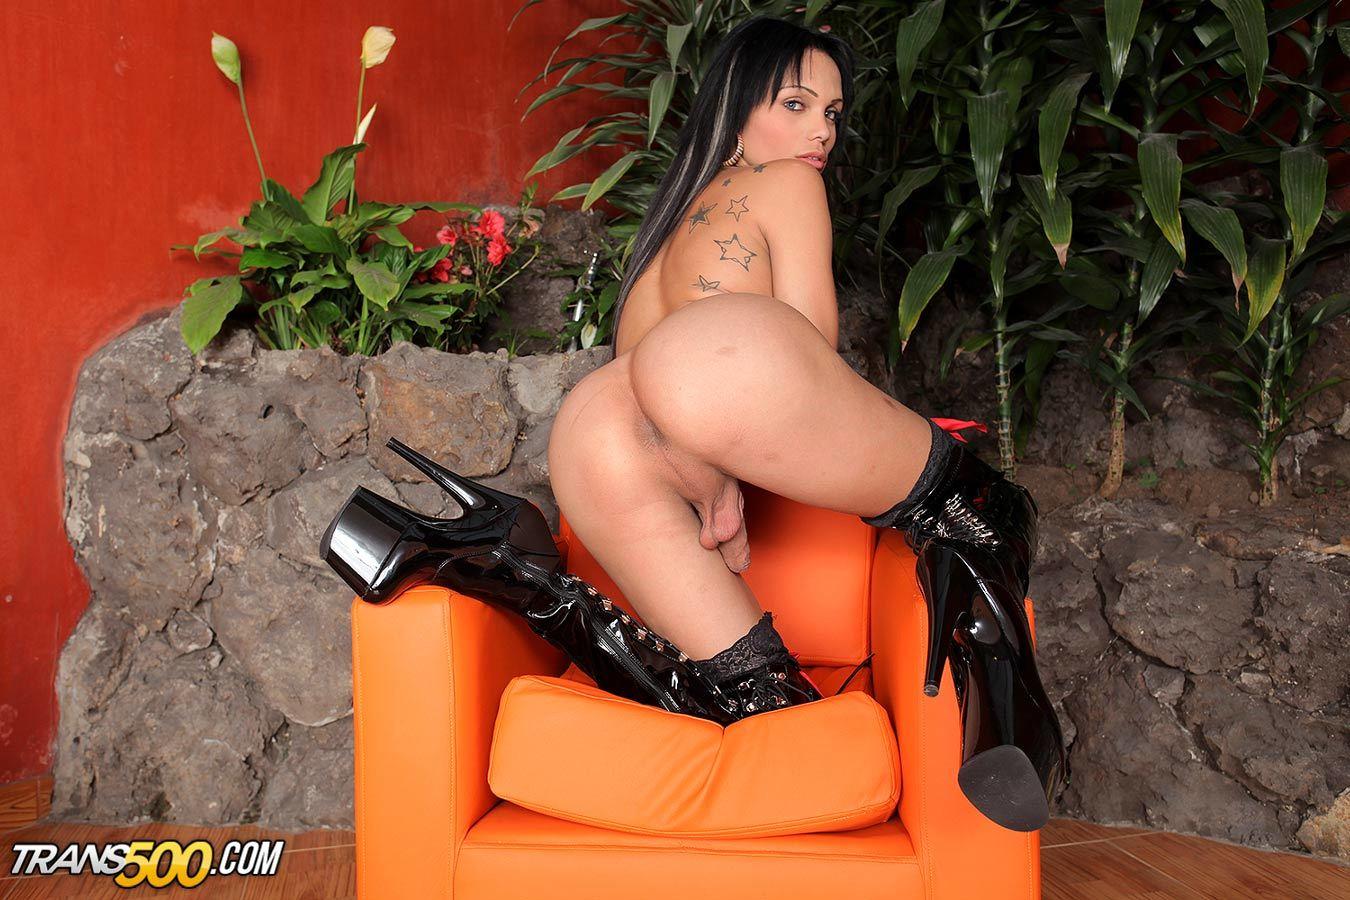 The Arousing Latina Tgirl Sofia Obregon Toys Her Meaty Lusciou